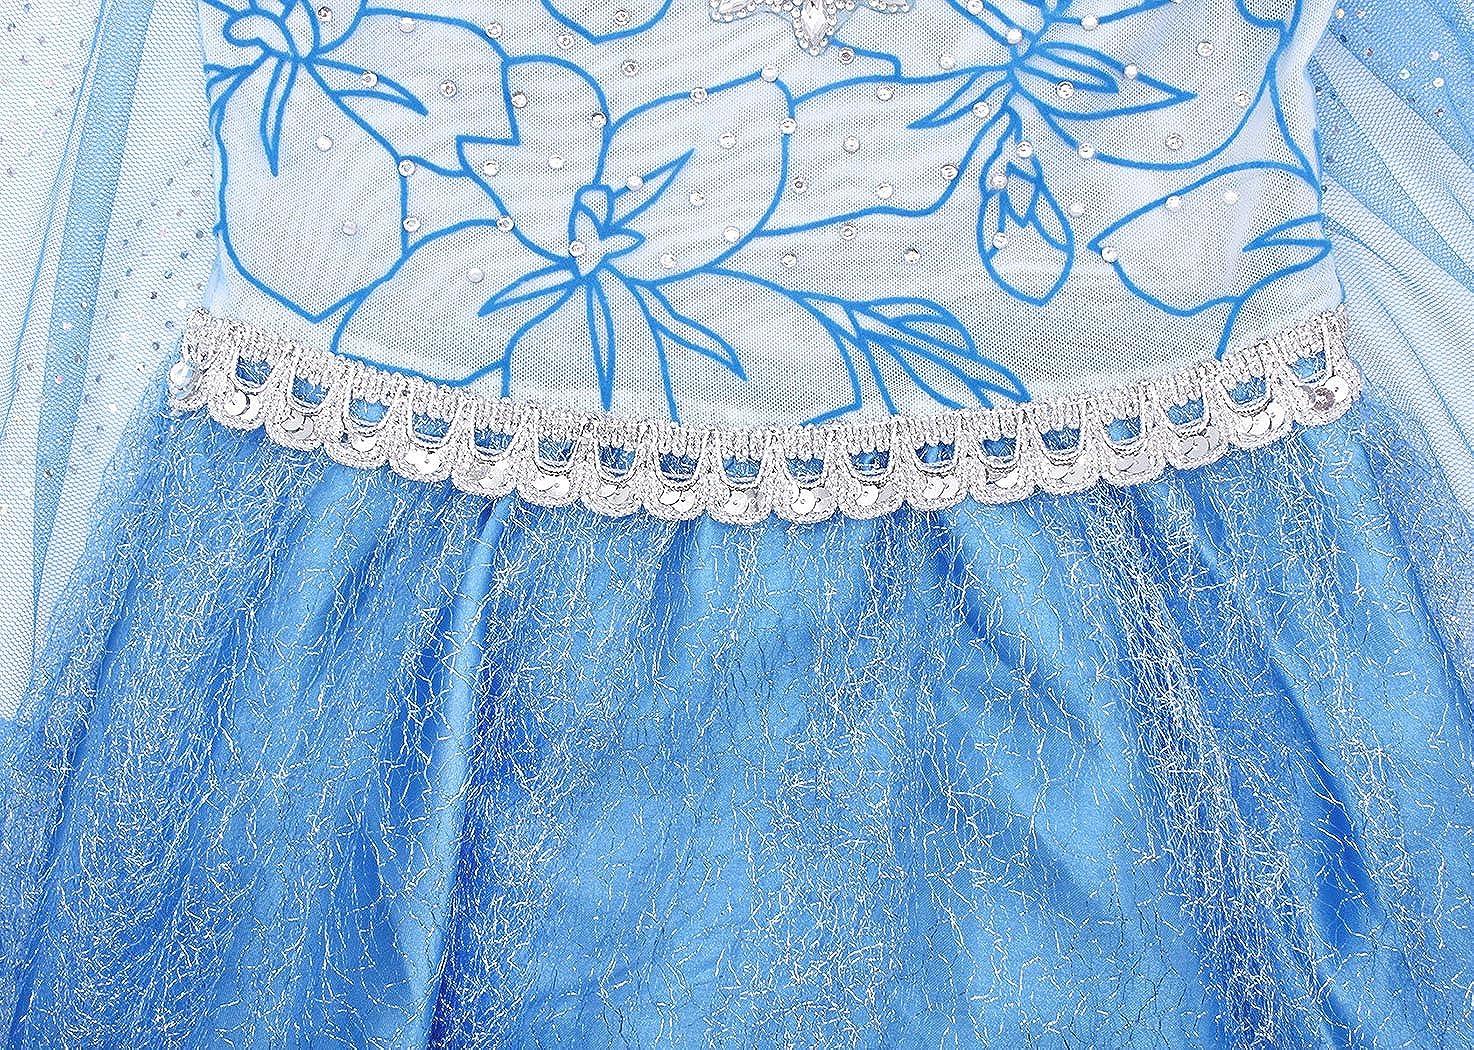 AmzBarley Regina delle Nevi Costume Principessa Vestito Abito per Bambina Ragazza Carnevale Cosplay Partito Festa Vestiti Operato Compleanno